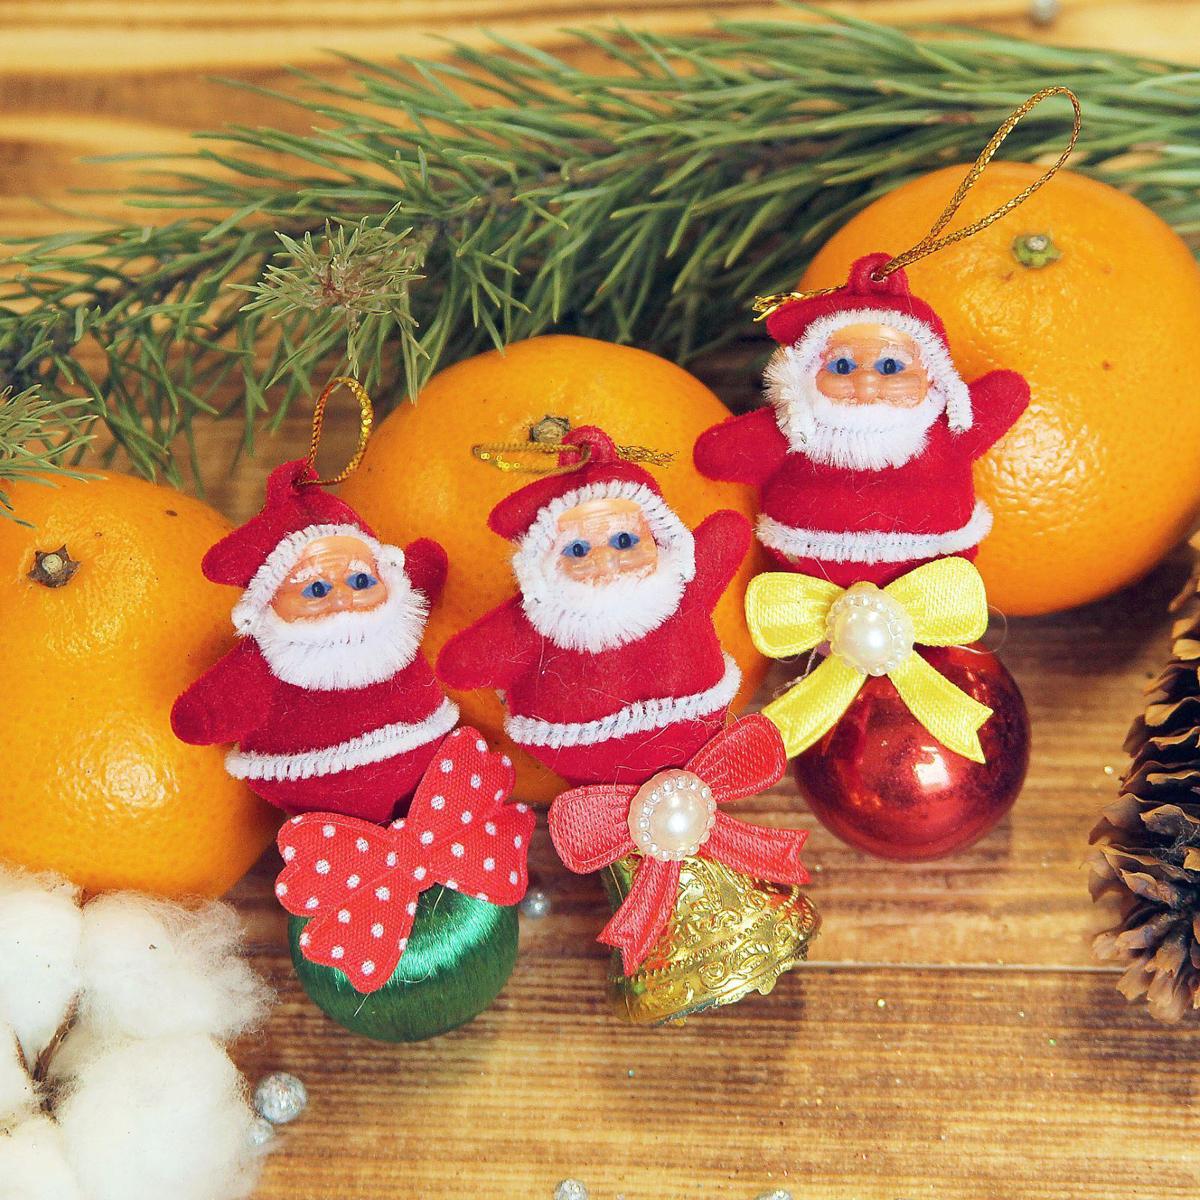 Набор новогодних подвесных украшений Дедушка Мороз. Колокольчик, шарик, 2,5 х 6,5 см, 3 шт2372121Набор новогодних подвесных украшений отлично подойдет для декорации вашего дома и новогодней ели. С помощью специальной петельки украшение можно повесить в любом понравившемся вам месте. Но, конечно, удачнее всего оно будет смотреться на праздничной елке.Елочная игрушка - символ Нового года. Она несет в себе волшебство и красоту праздника. Такое украшение создаст в вашем доме атмосферу праздника, веселья и радости.